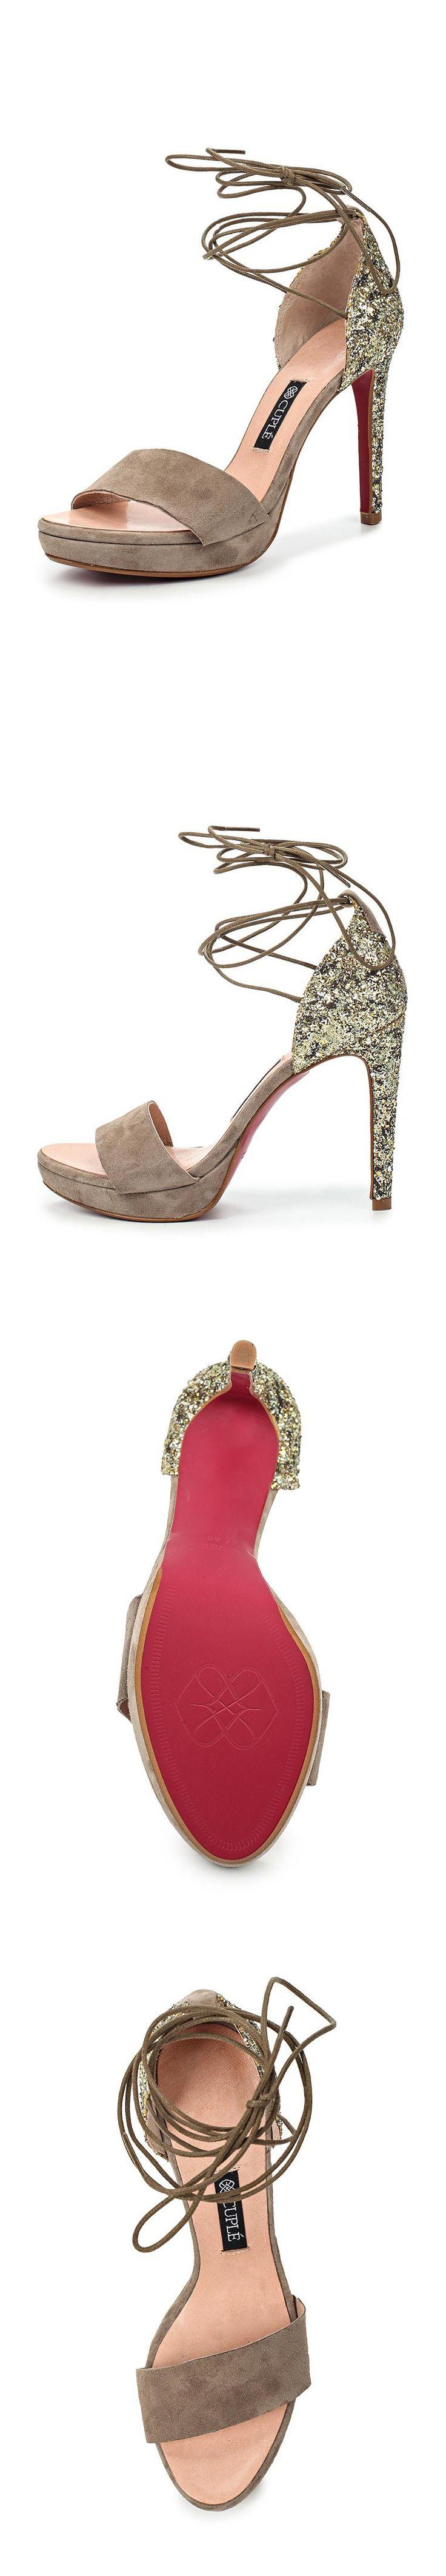 Женская обувь босоножки Cuple за 8080.00 руб.